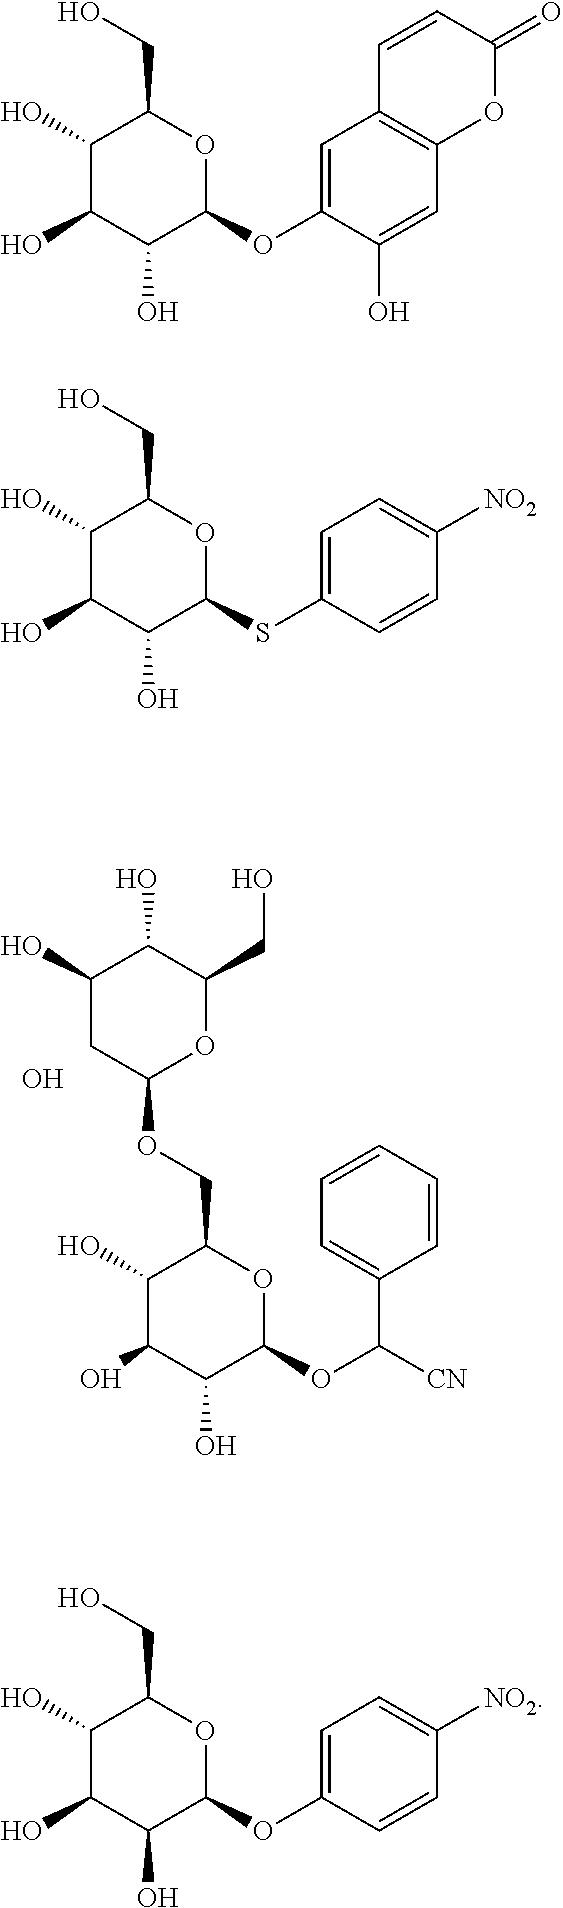 Figure US09962344-20180508-C00013